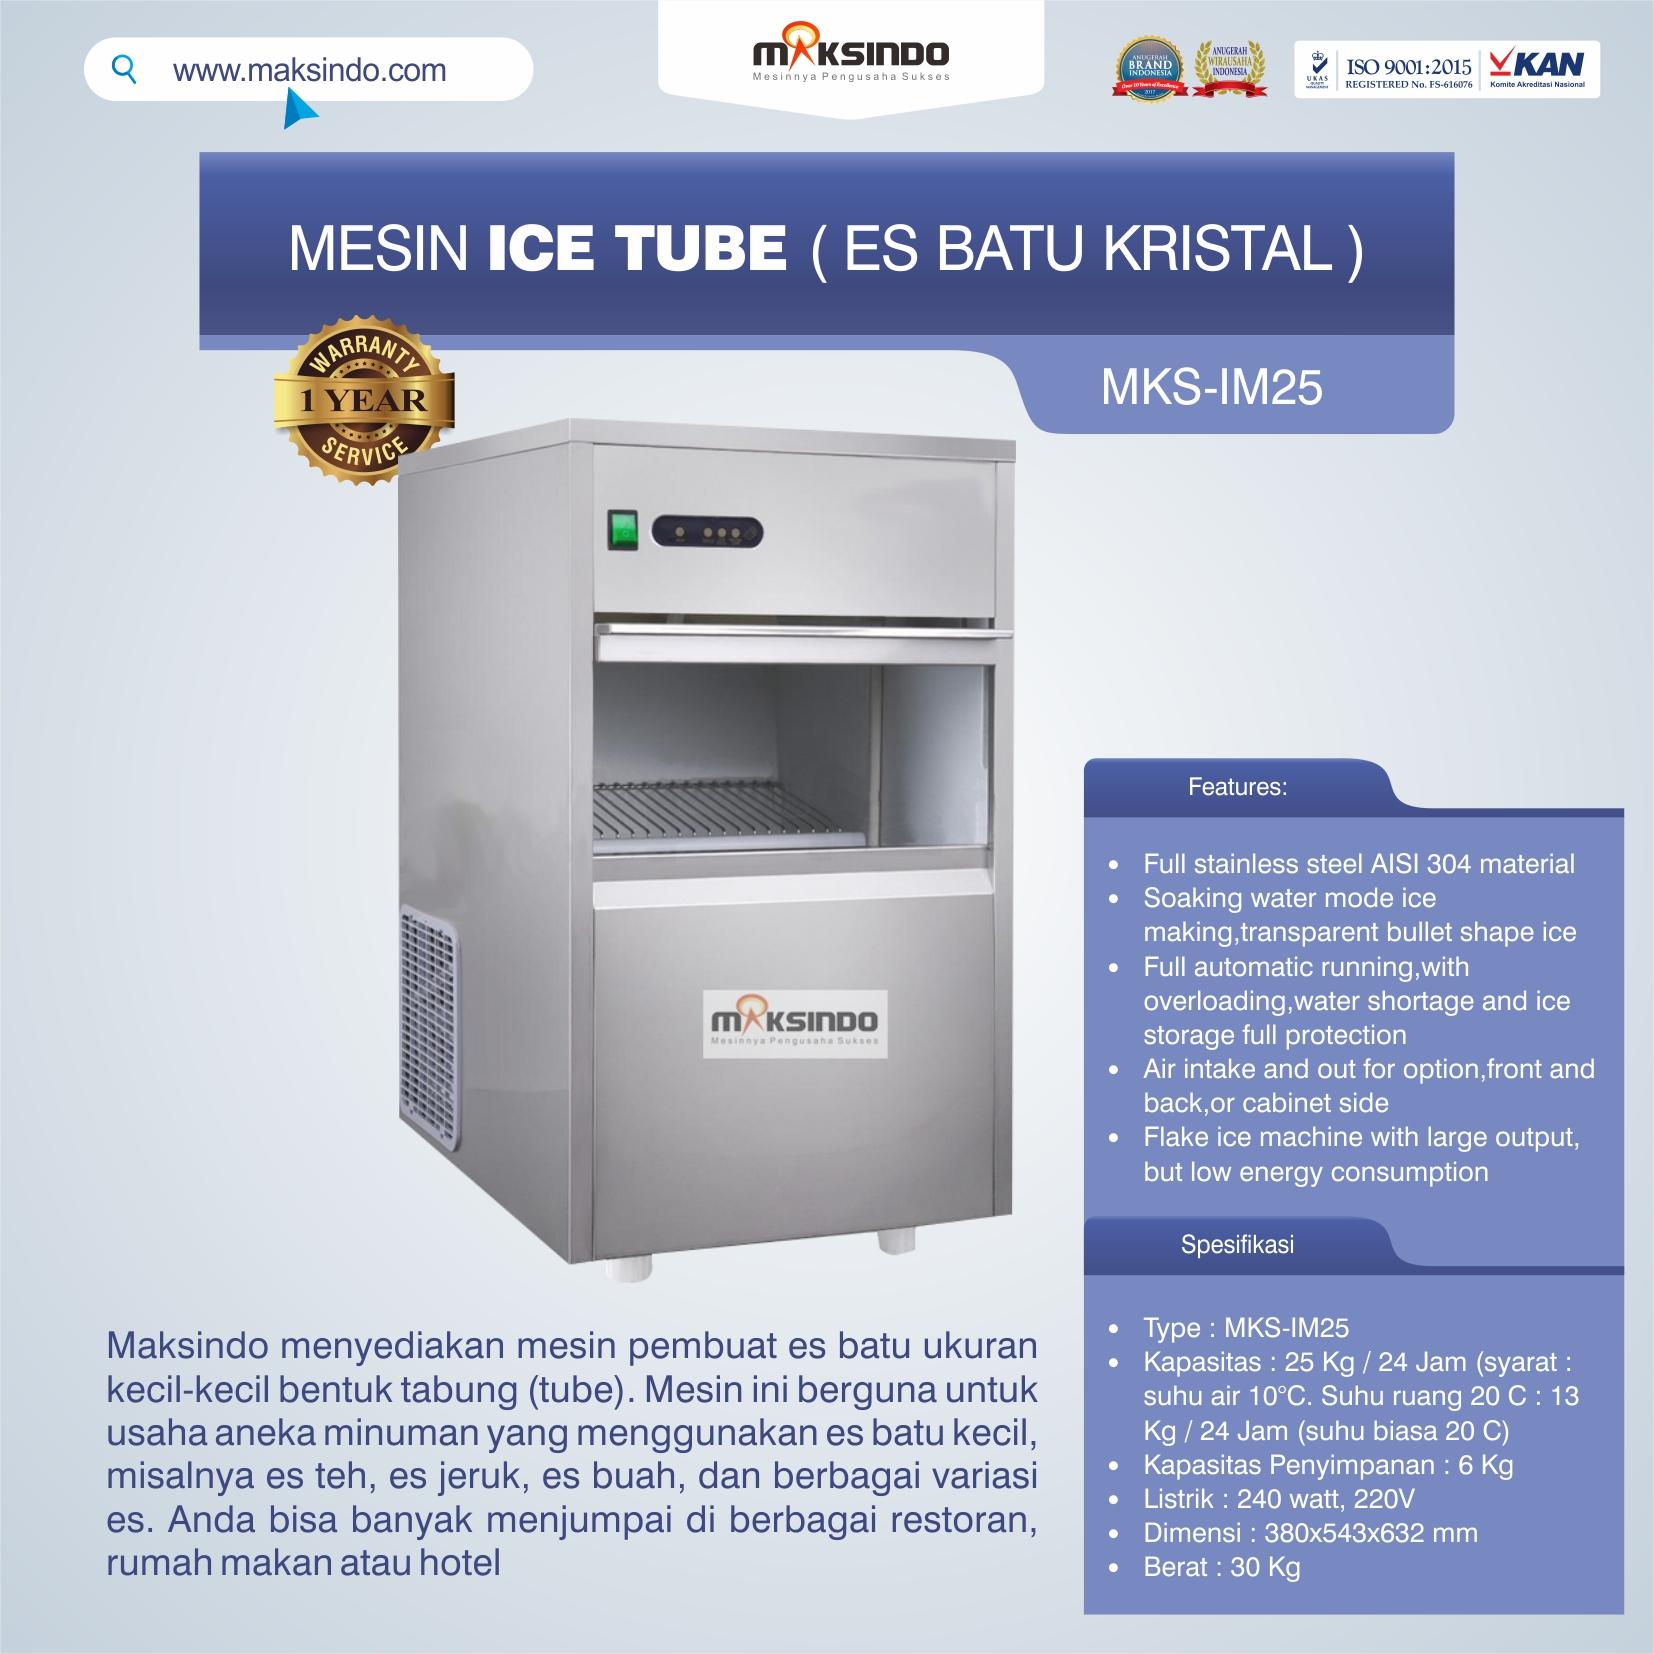 Jual Mesin Ice Tube (Es Batu Kristal) di Bekasi